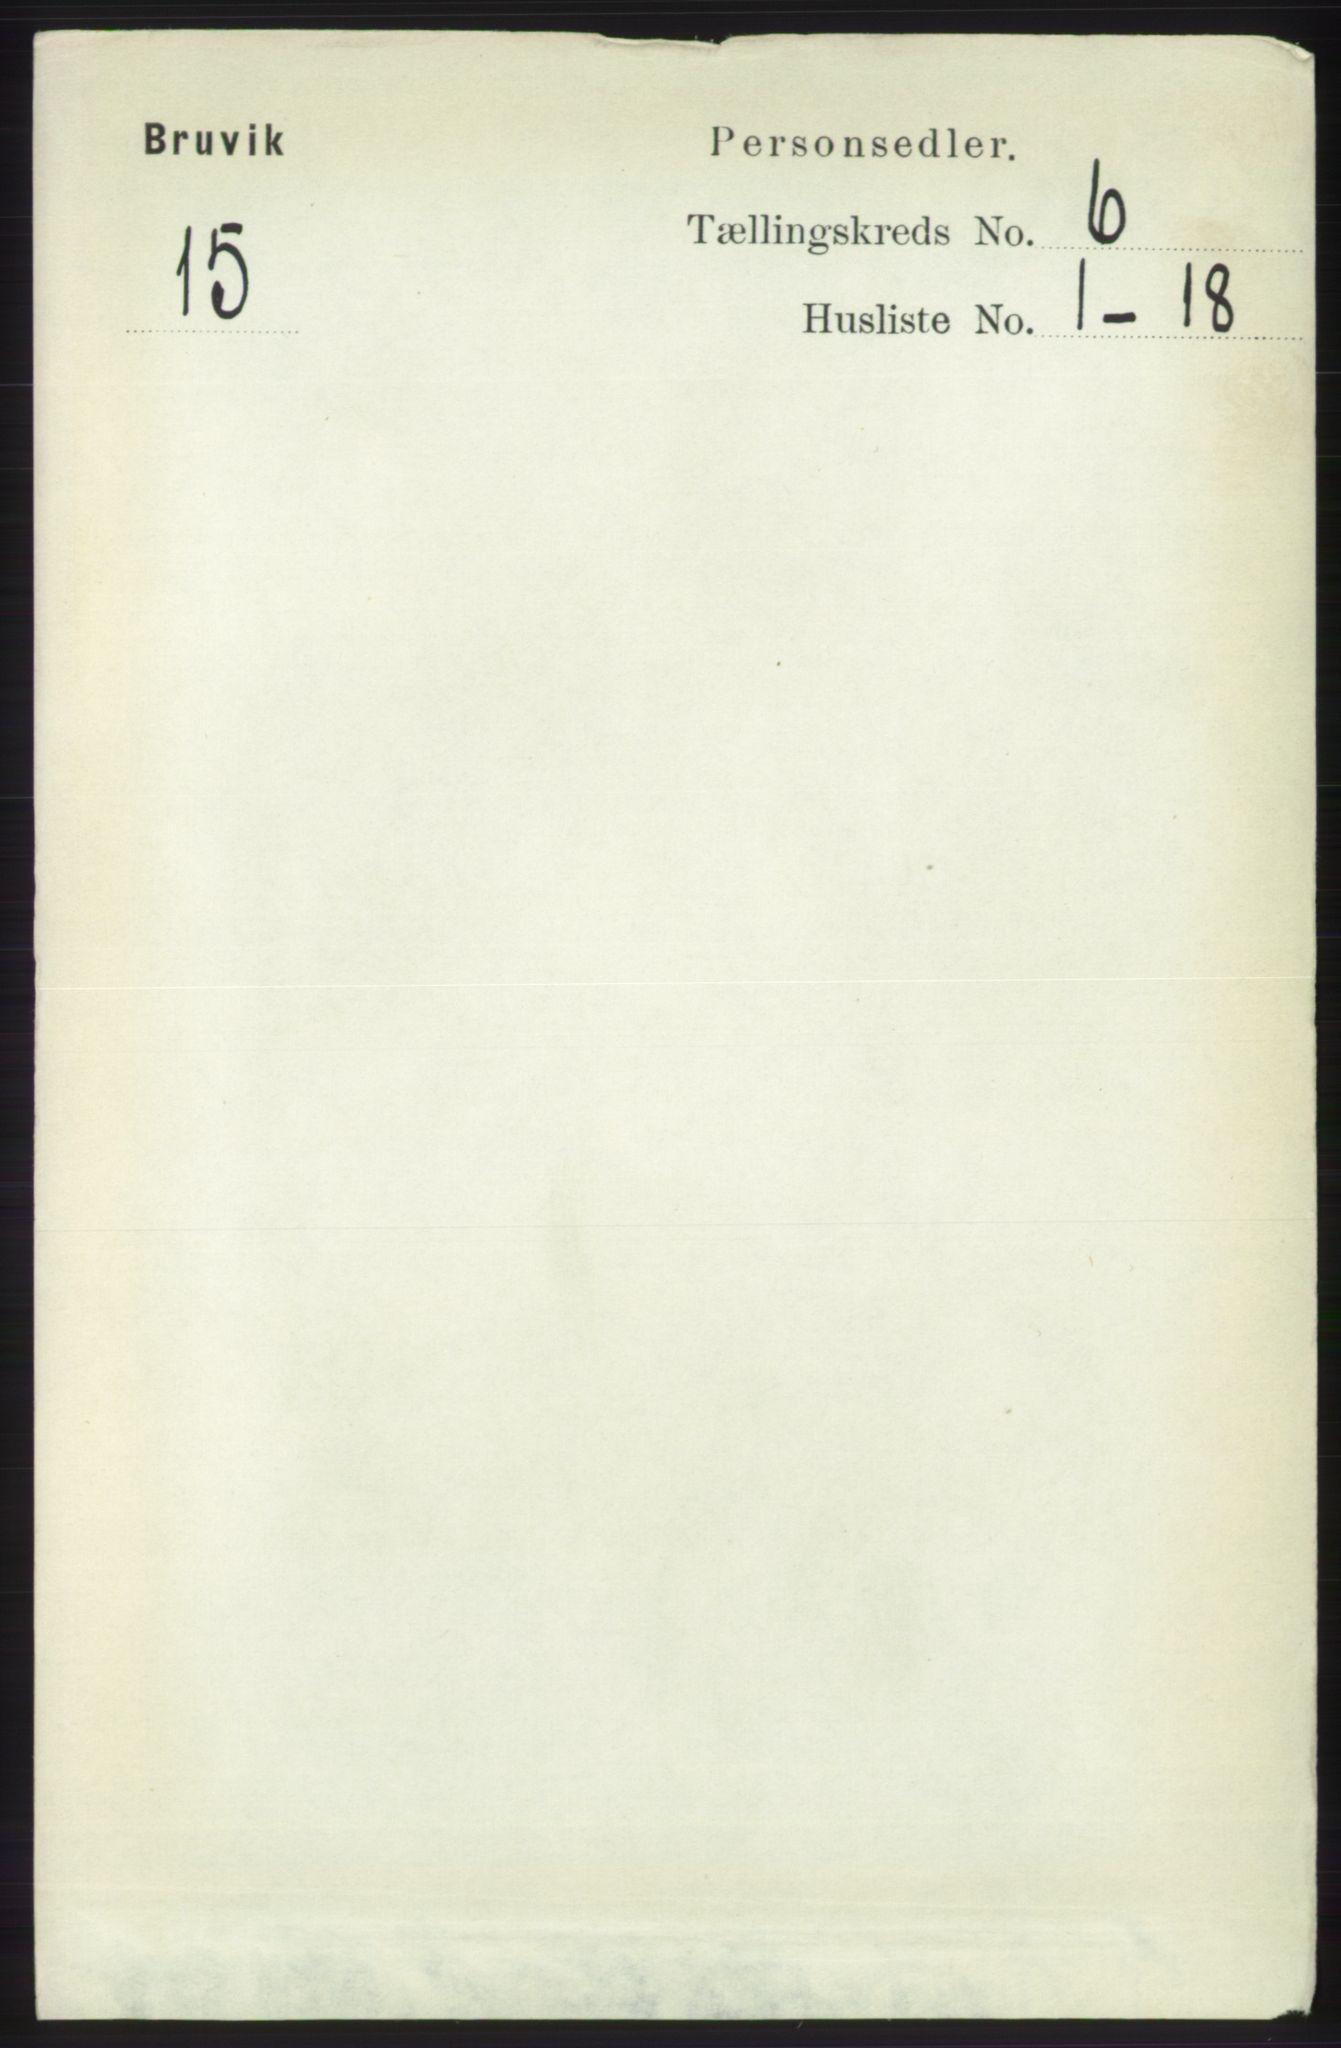 RA, Folketelling 1891 for 1251 Bruvik herred, 1891, s. 1763